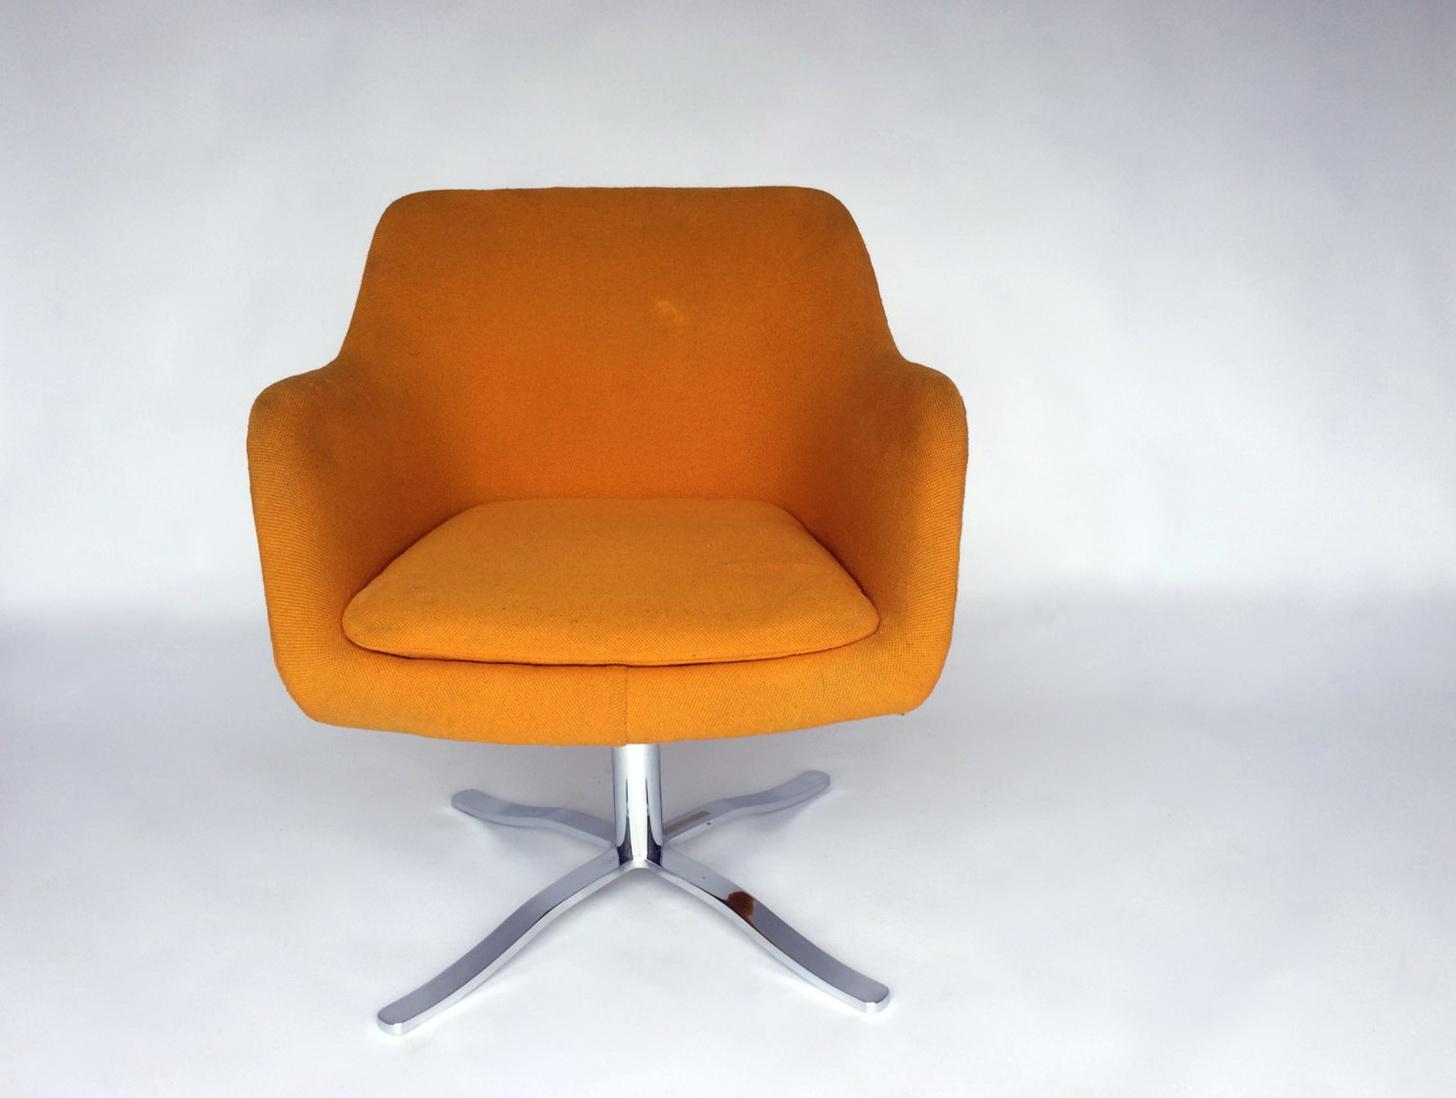 Computer Chair Cushion Flat